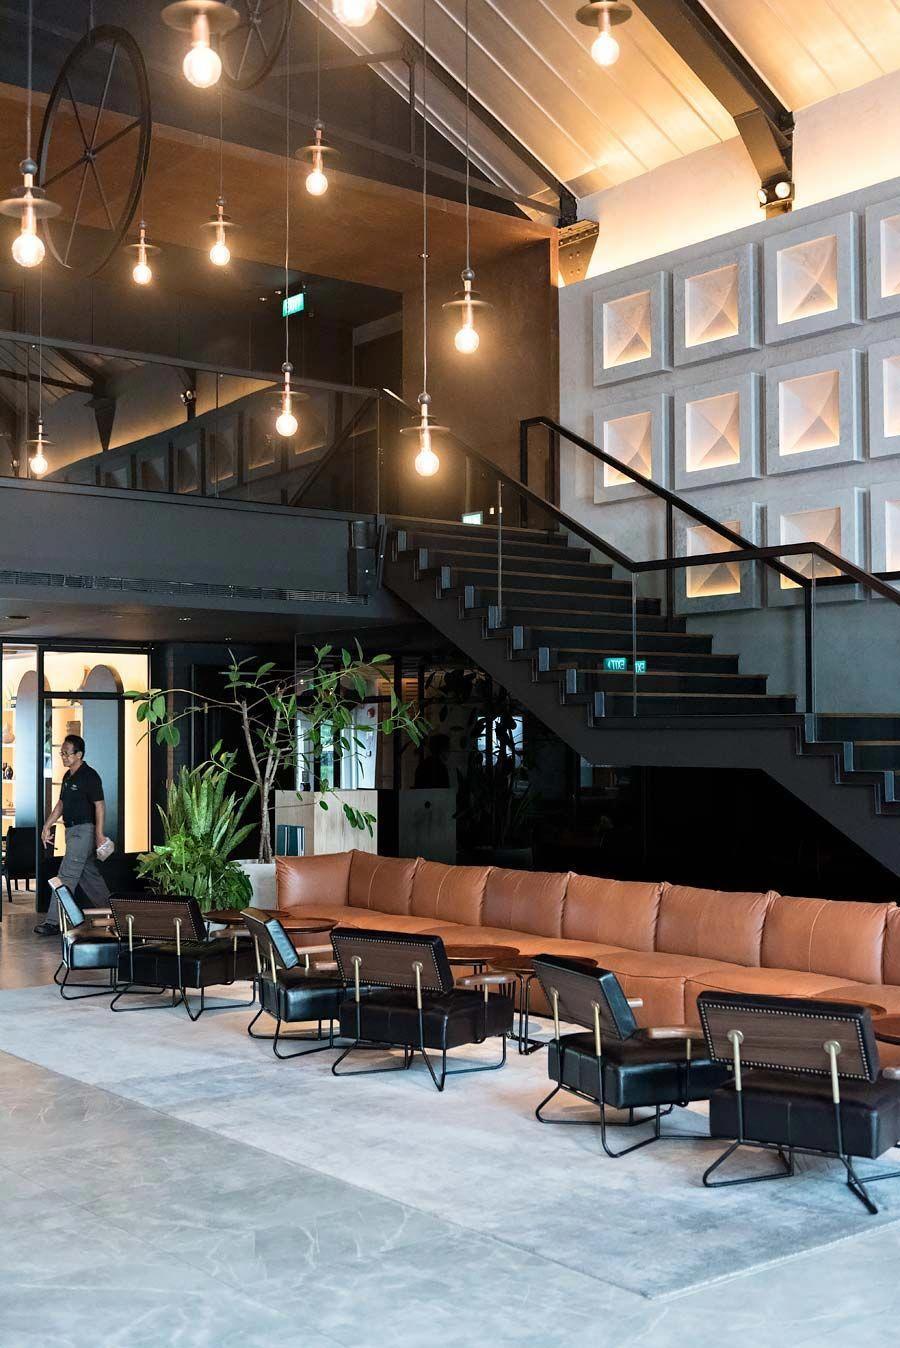 68 Modern Outdoor Kitchen Design Ideas Urban Industrial Decor Industrial Chic Decor Modern Industrial Decor